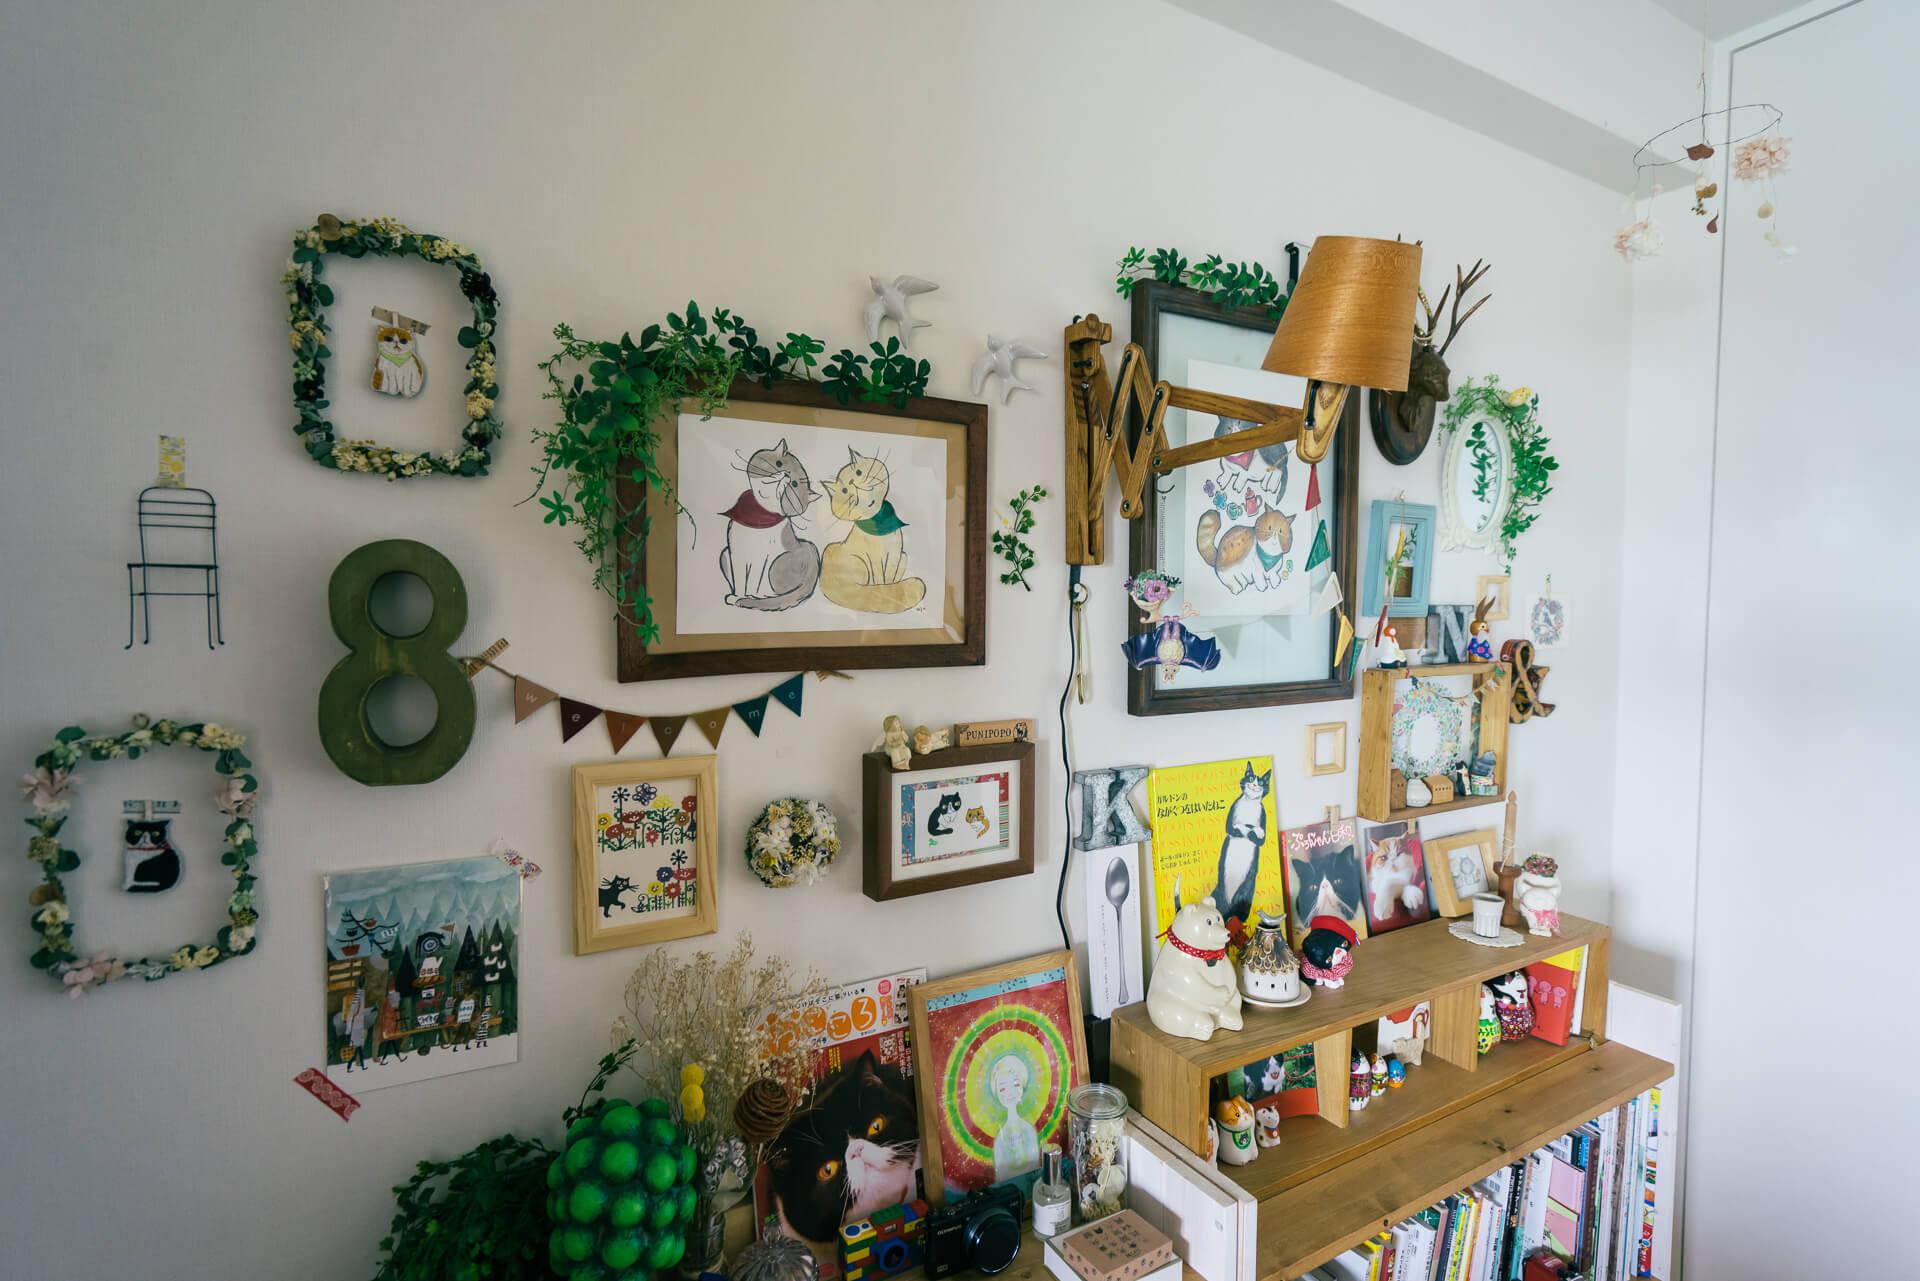 猫グッズが楽しく飾られたコーナー。右側の大きな絵はなっつ。さんご自身が、左側はお友達が描いてくれたものだそう。